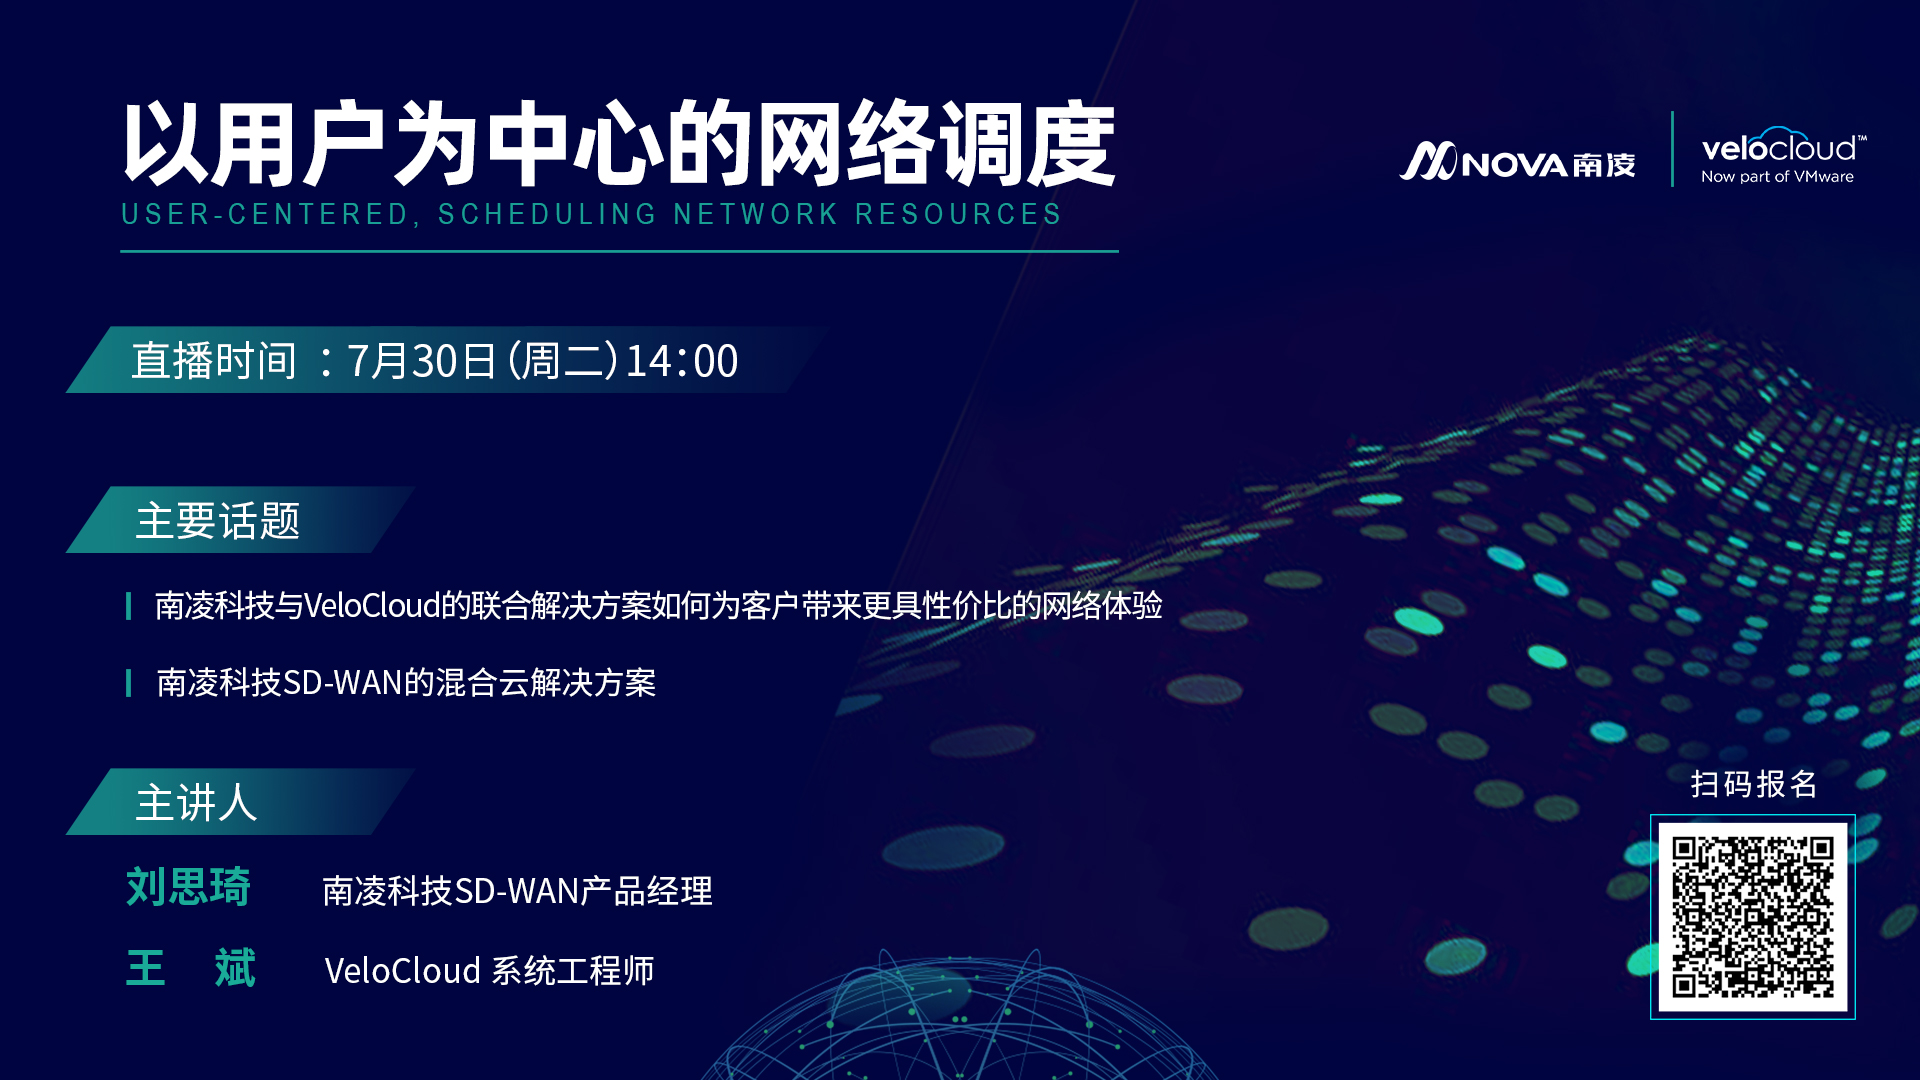 【直播】SD-WAN如何实现以用户为中心的网络调度?